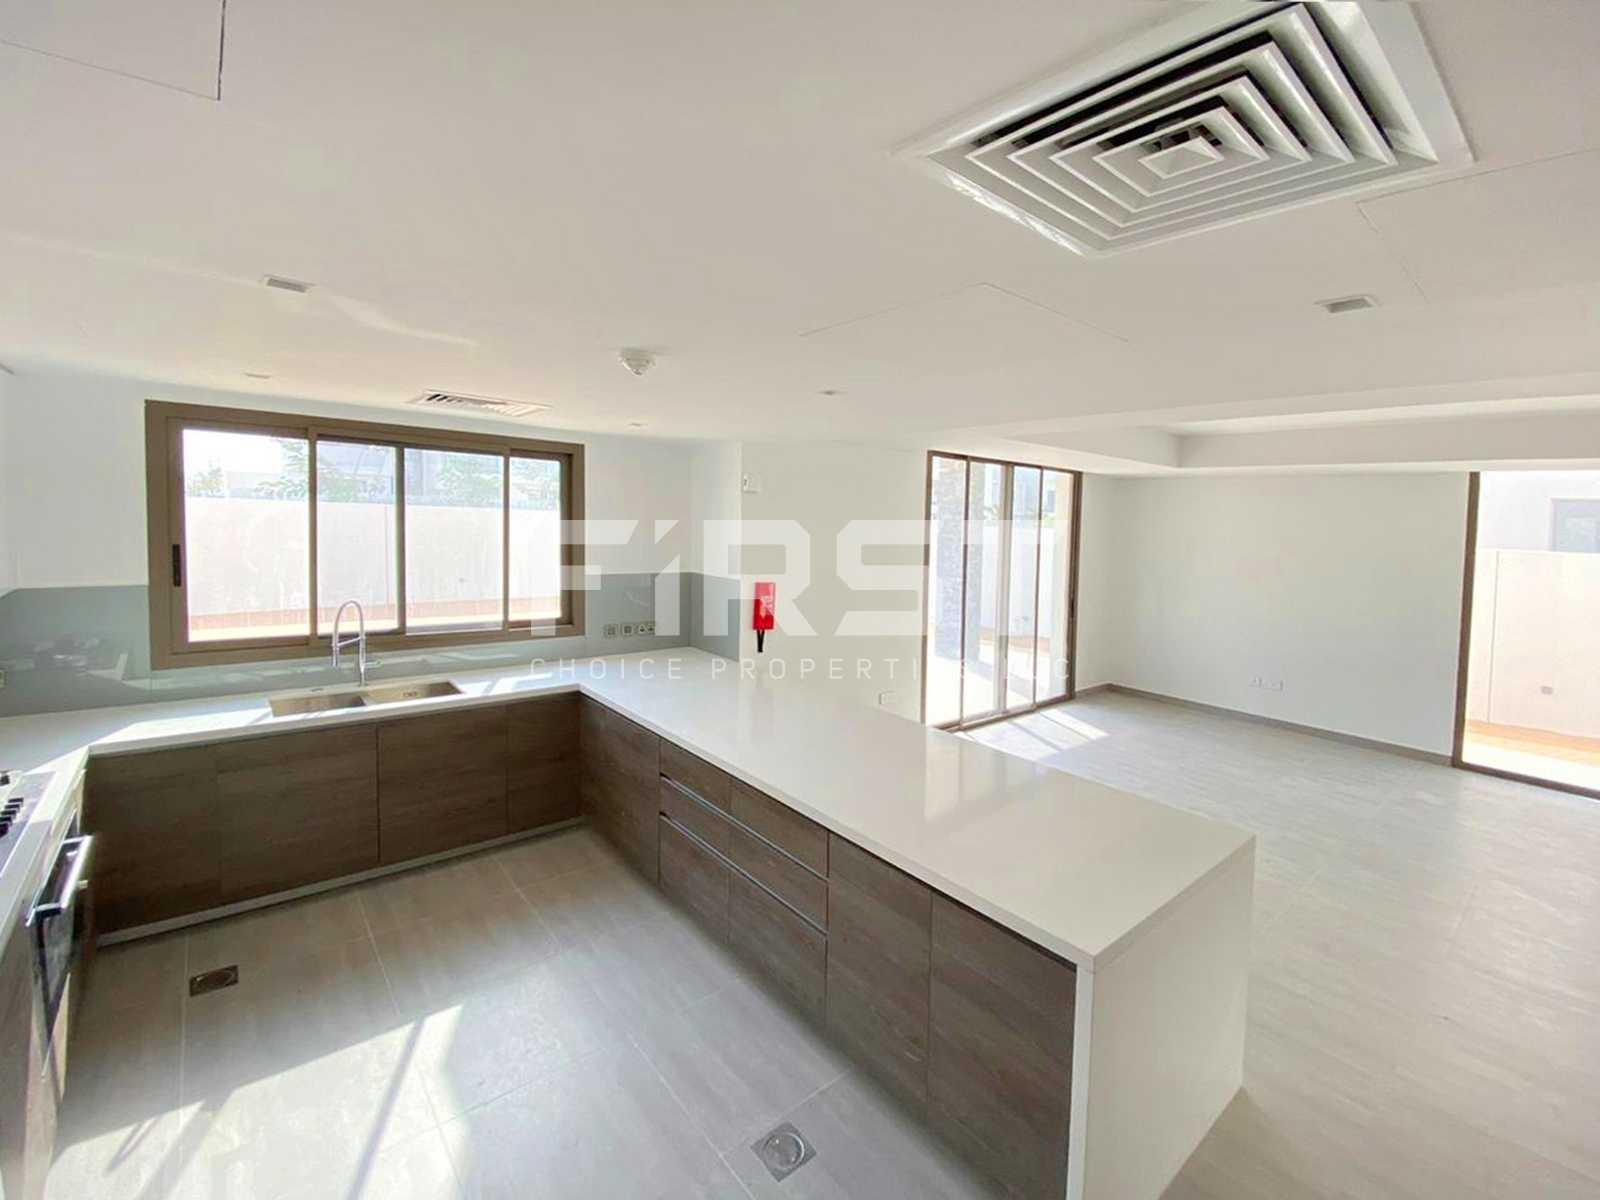 External Photo of 4 Bedroom Duplex Type 4Y in Yas Acres Yas Island AUH UAE (5).jpg